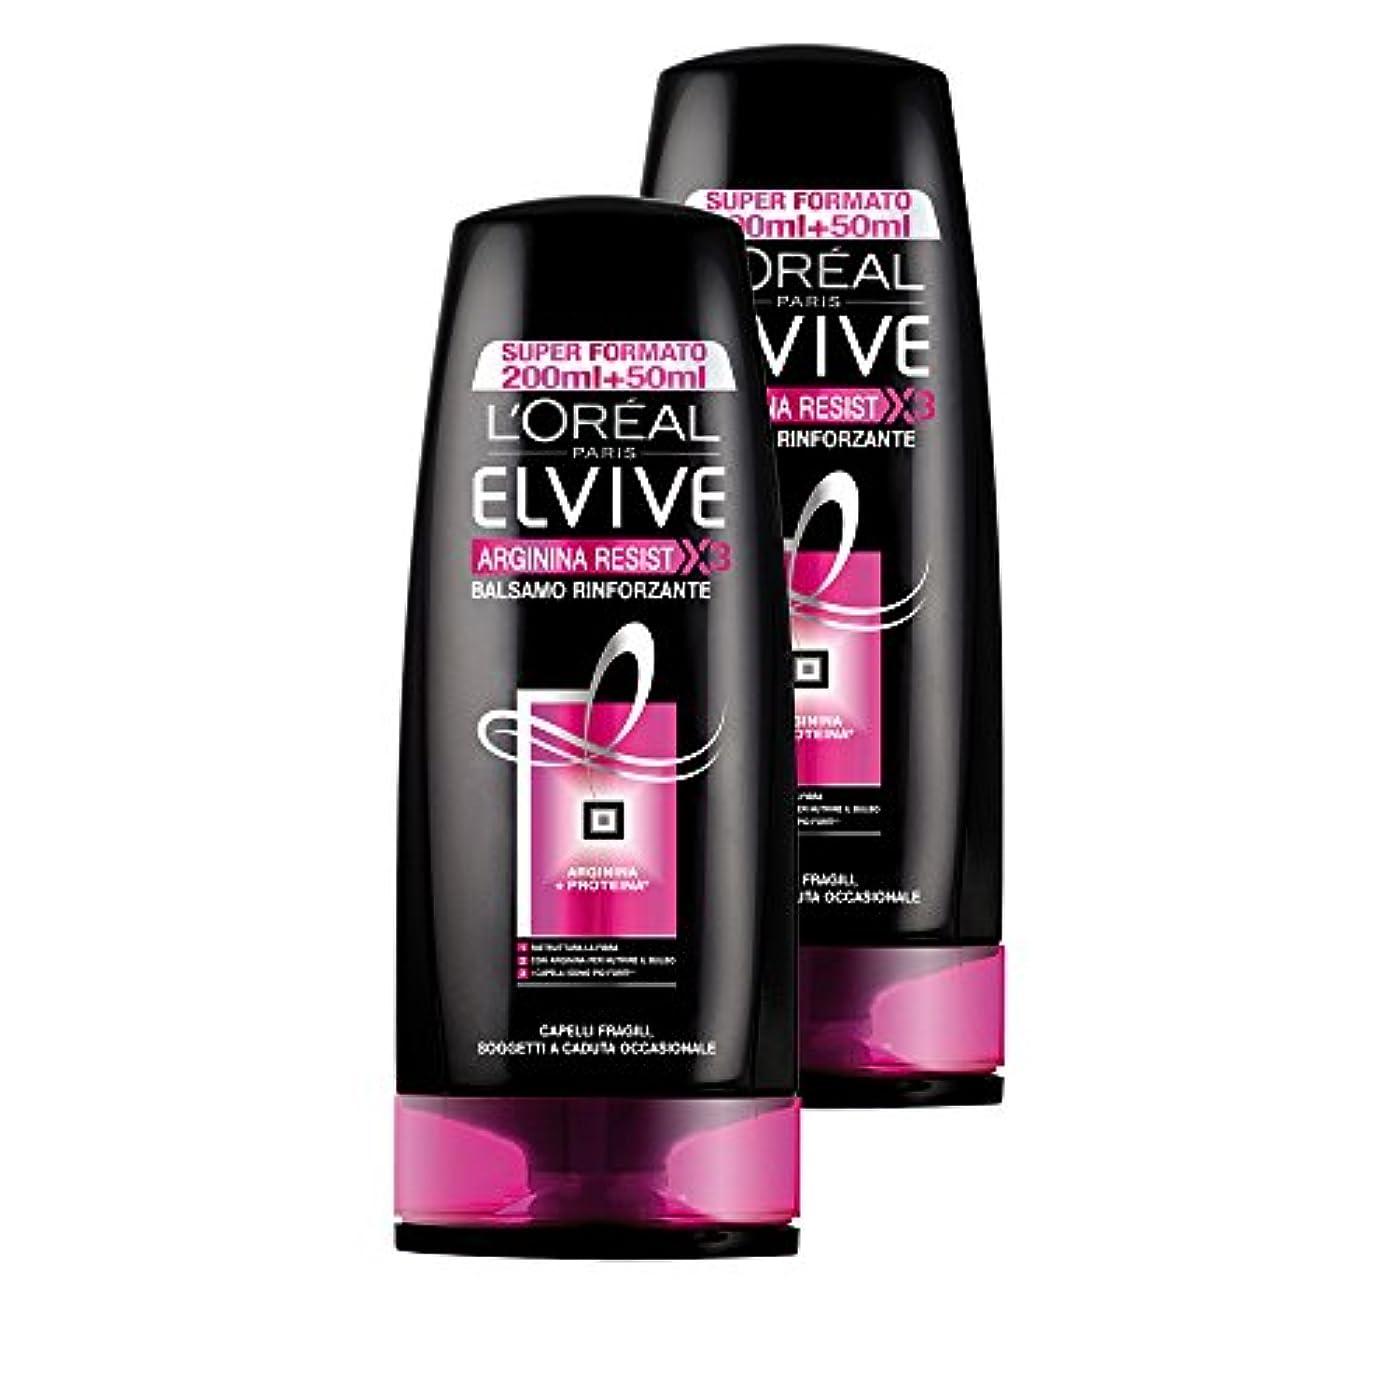 不一致距離支給L 'OréalParis ElviveアルギニンレジストX3バームリンフォルザンテ、壊れやすい髪用、3パック2 x 250 ml、合計:1500 ml